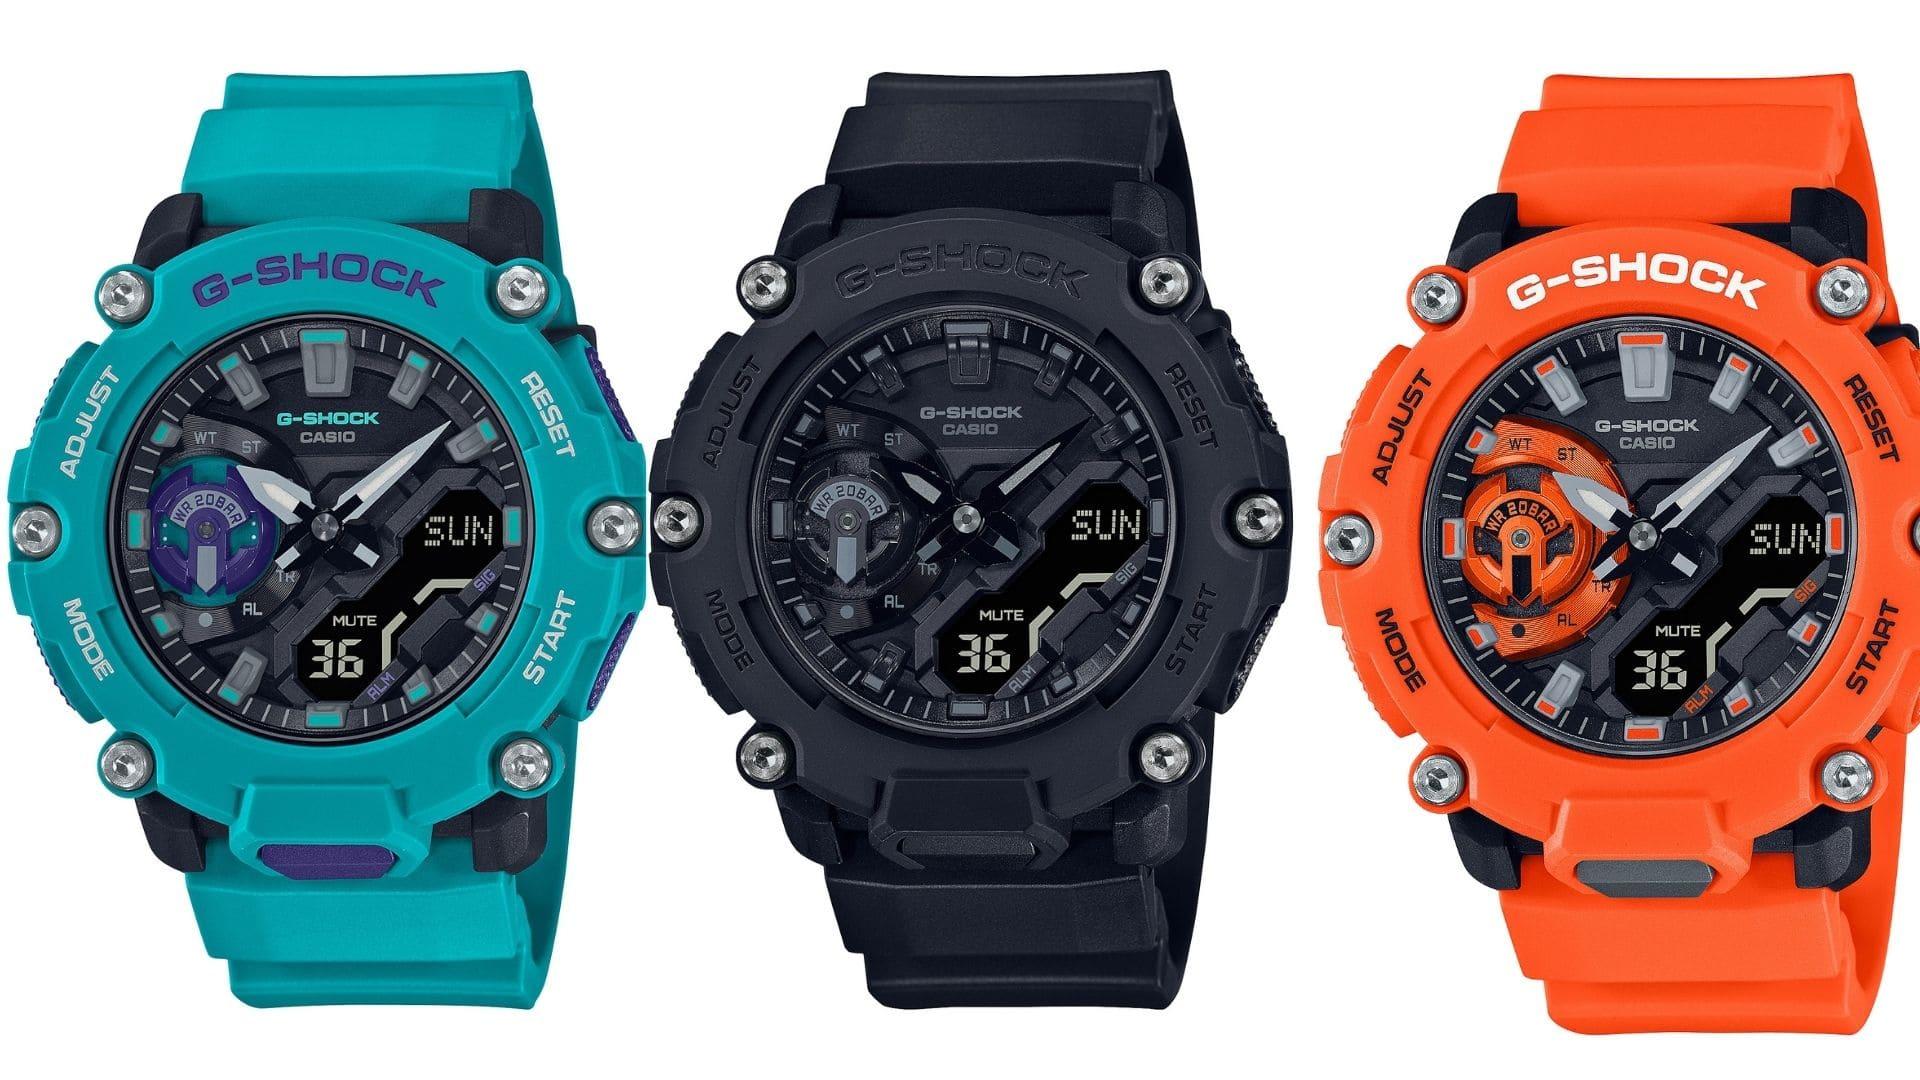 Refuerza tu Estilo con la nueva familia de relojes indestructibles de G-SHOCK